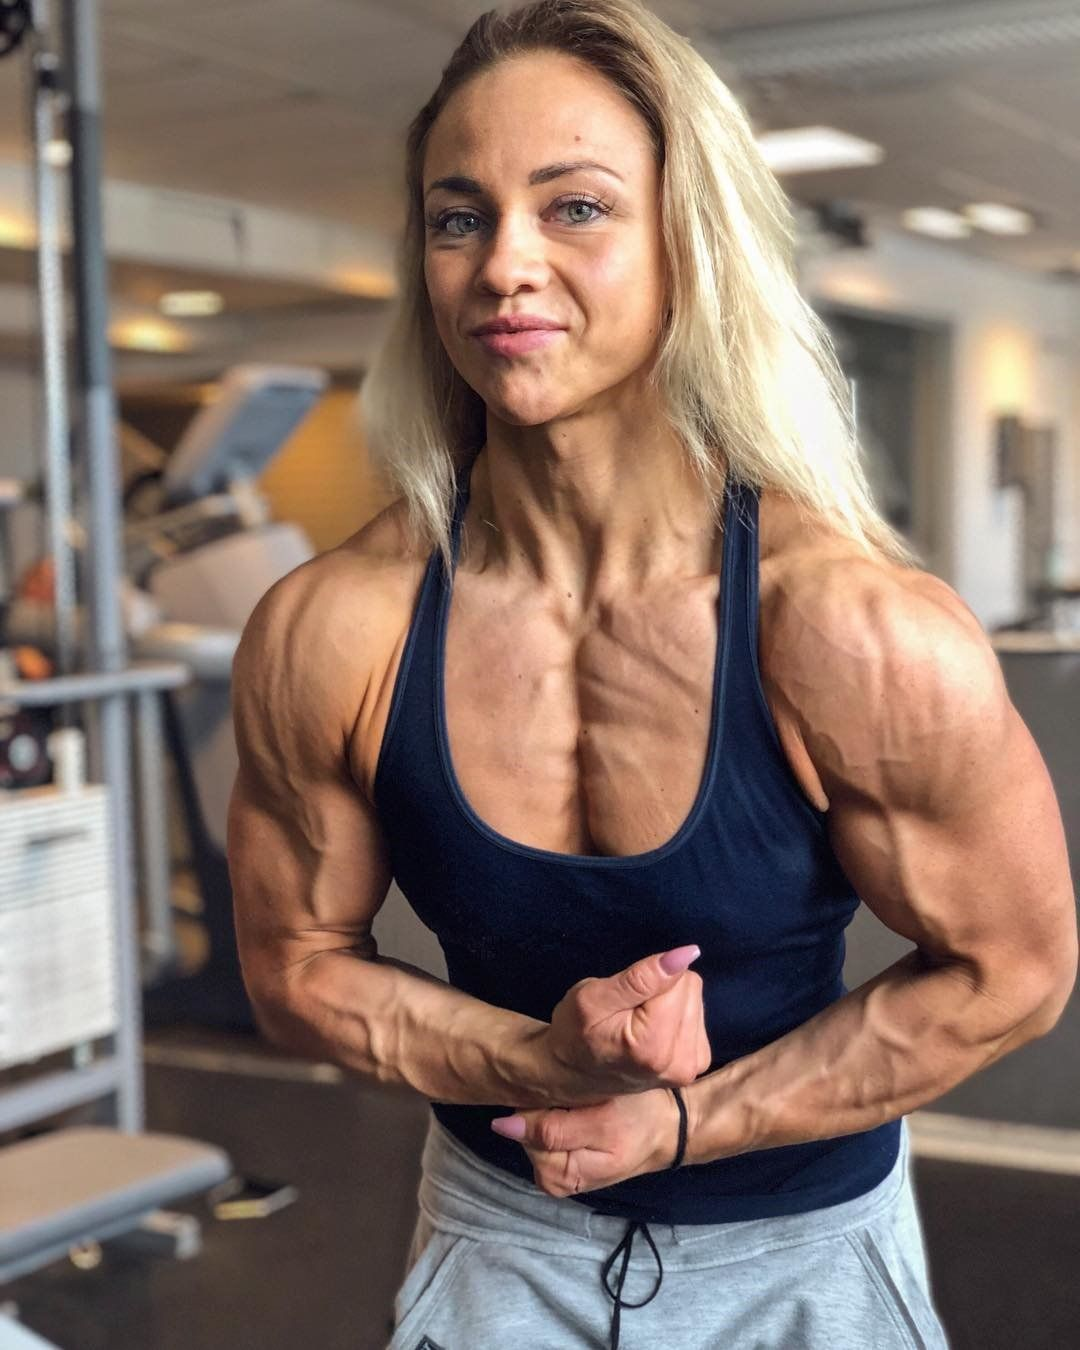 new concept 36e4b 55327 Angelica Enberg Atletische Mannen, Blijf Sterk, Fitness Motivatie, Fitte  Vrouwen, Lichaamsbouw,